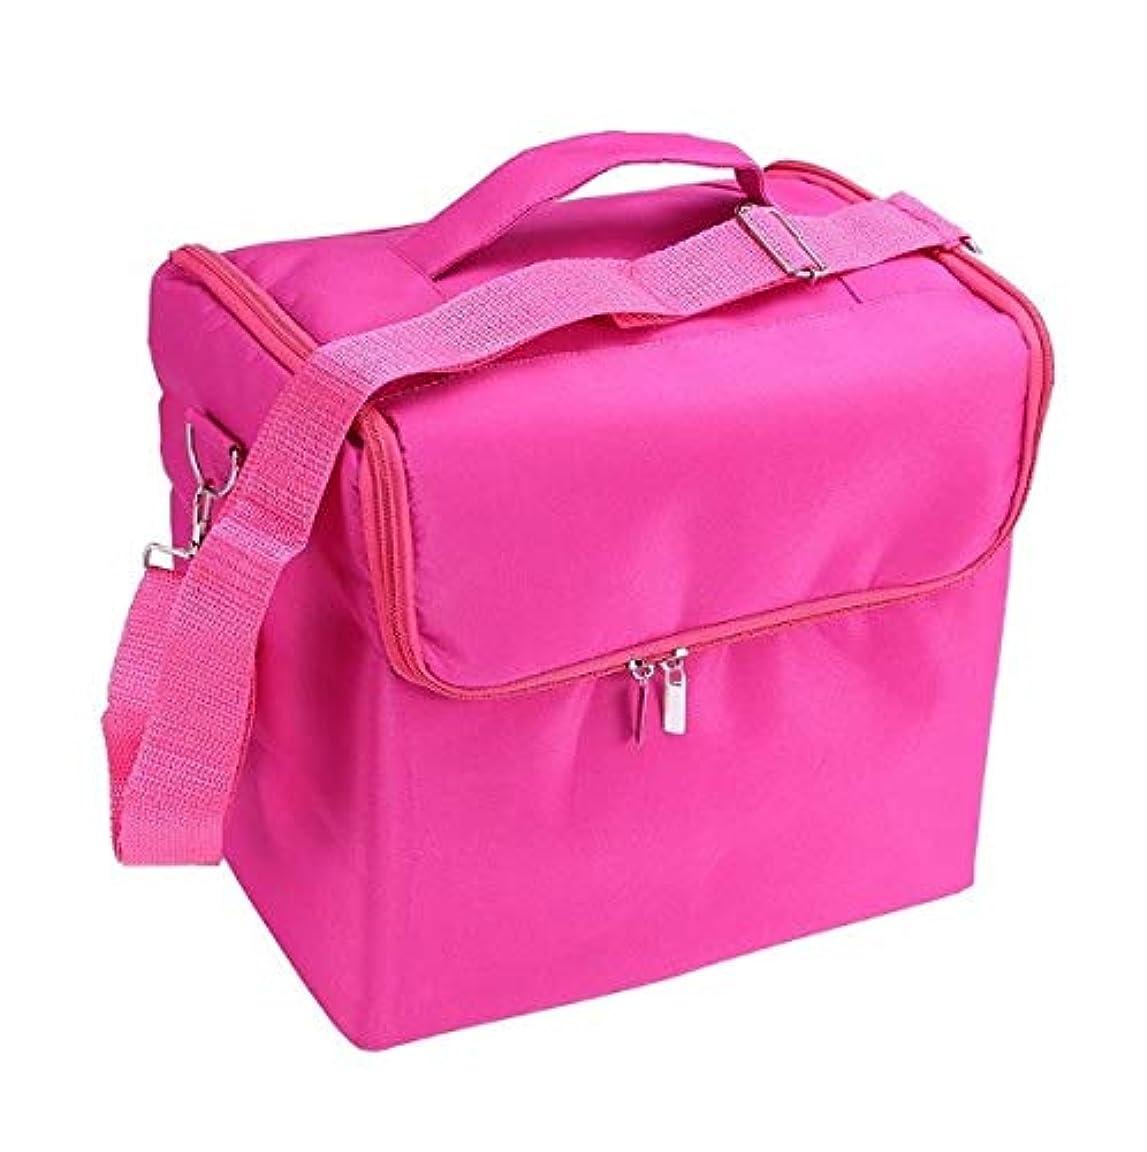 分全く冷蔵庫化粧品ケース、ローズレッド多層化粧品バッグ、ポータブル旅行多機能化粧品ケース、美容ネイルジュエリー収納ボックス